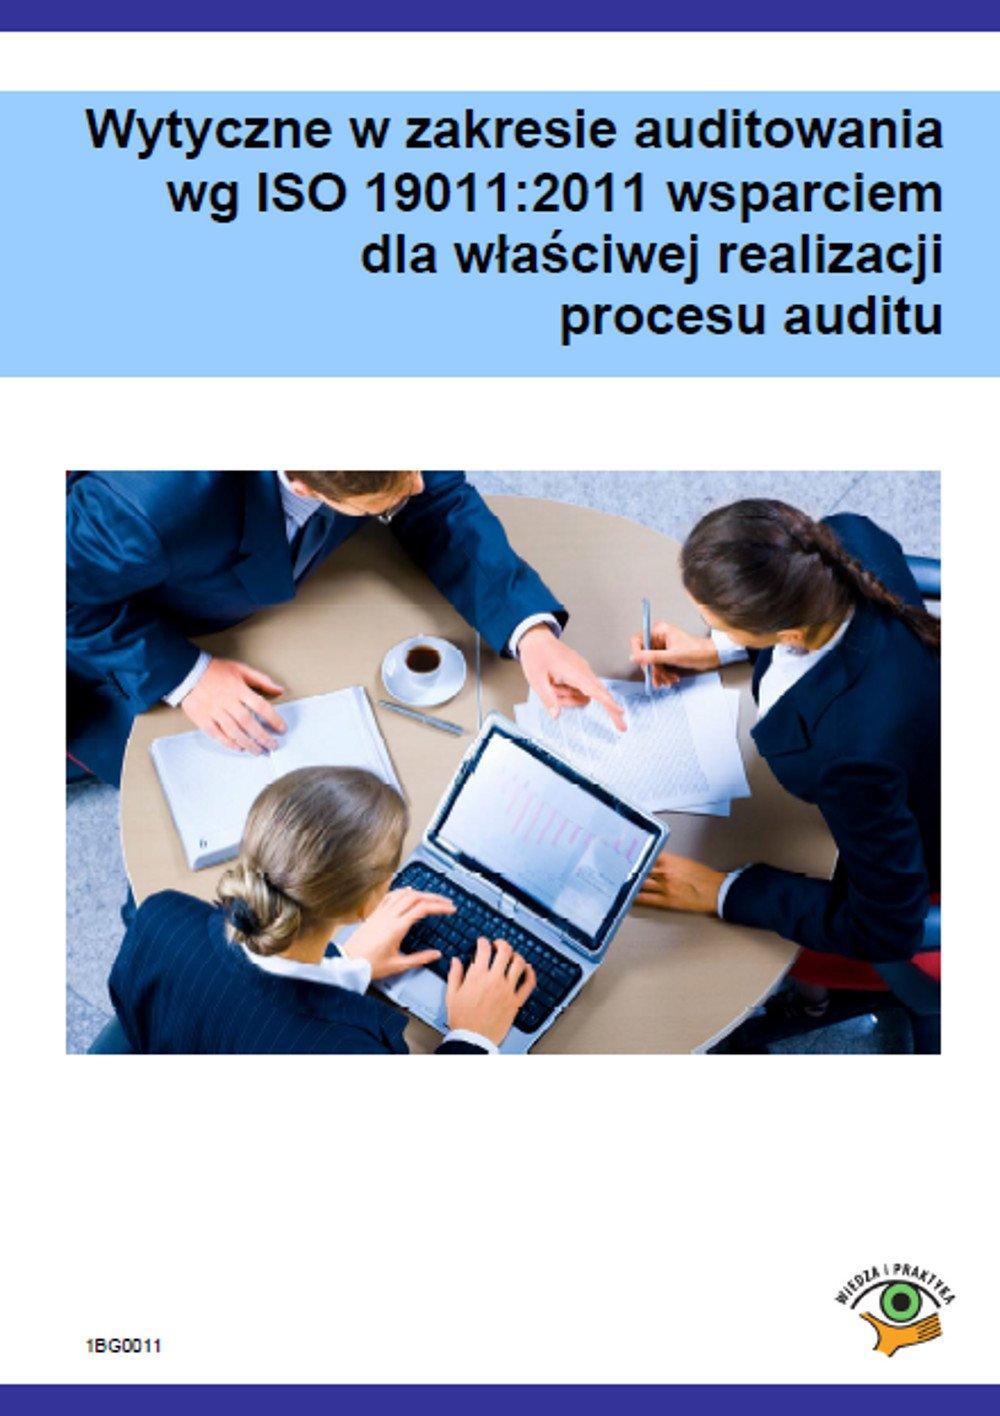 Wytyczne w zakresie audytowania wg ISO 19011:2011 wsparciem dla właściwej realizacji procesu auditu - Ebook (Książka PDF) do pobrania w formacie PDF